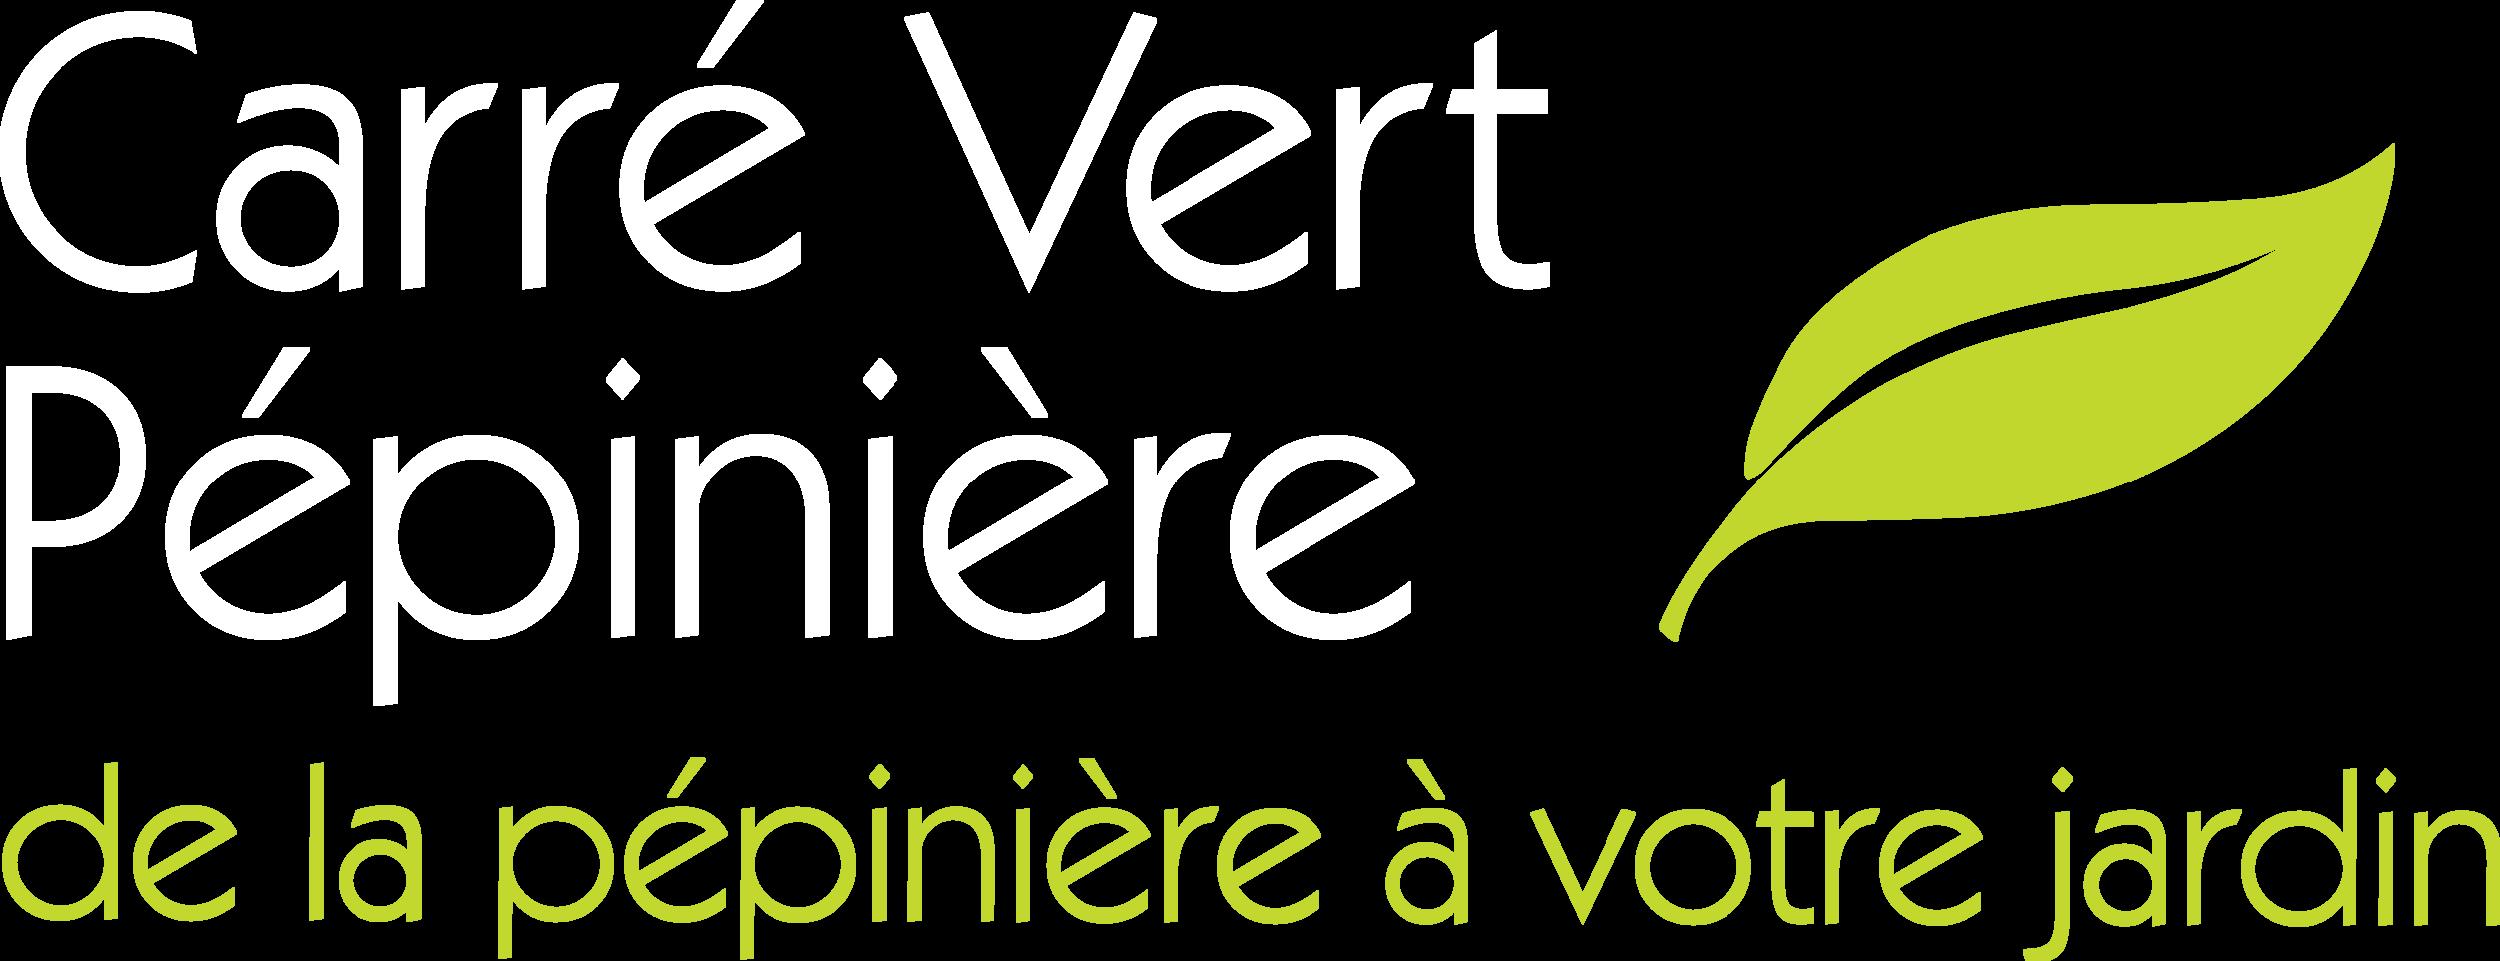 Carré Vert Pépinière